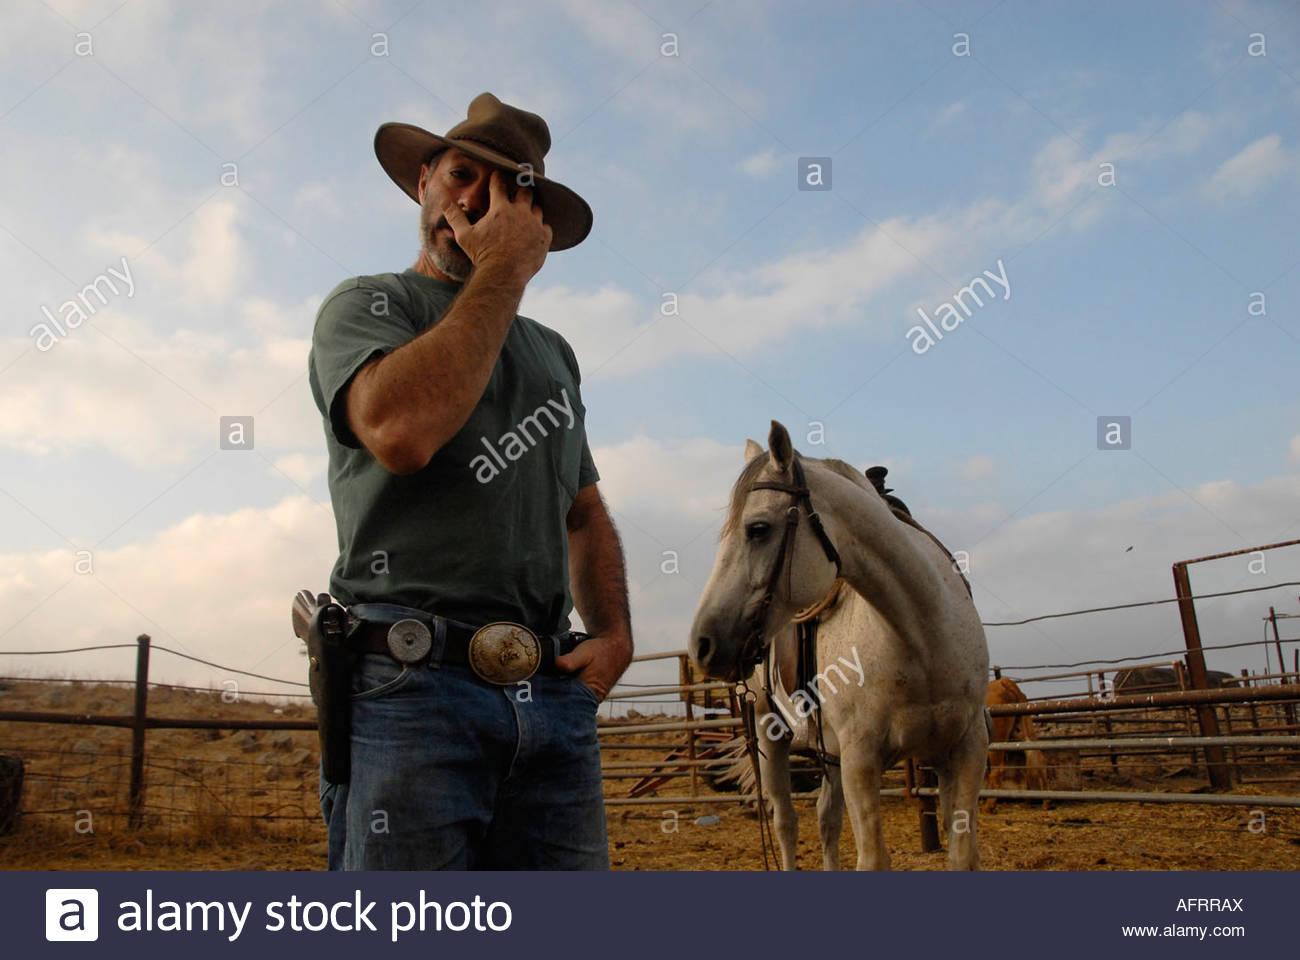 Un israeliano bovini herder indossando una pistola nel cortile di una fattoria nel Golan settentrionale di Israele Foto Stock